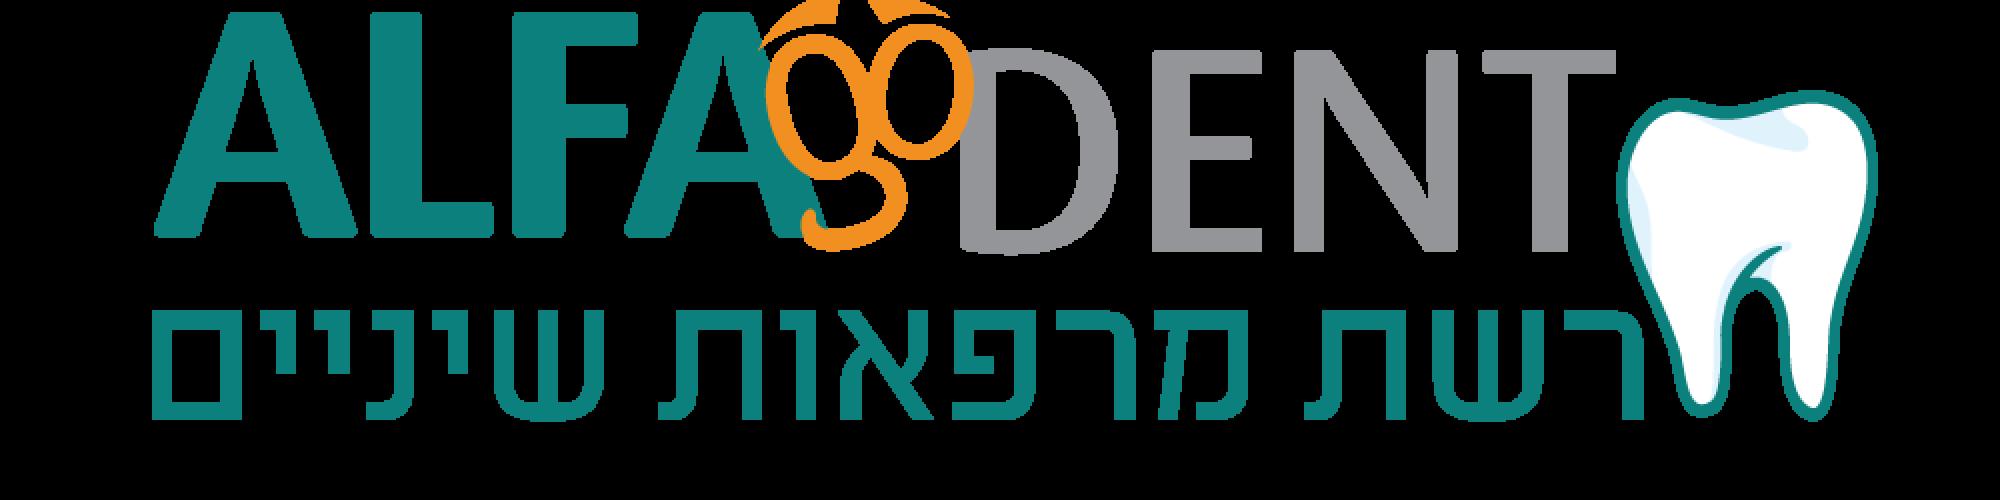 לוגו-אלפא-גו-דנט